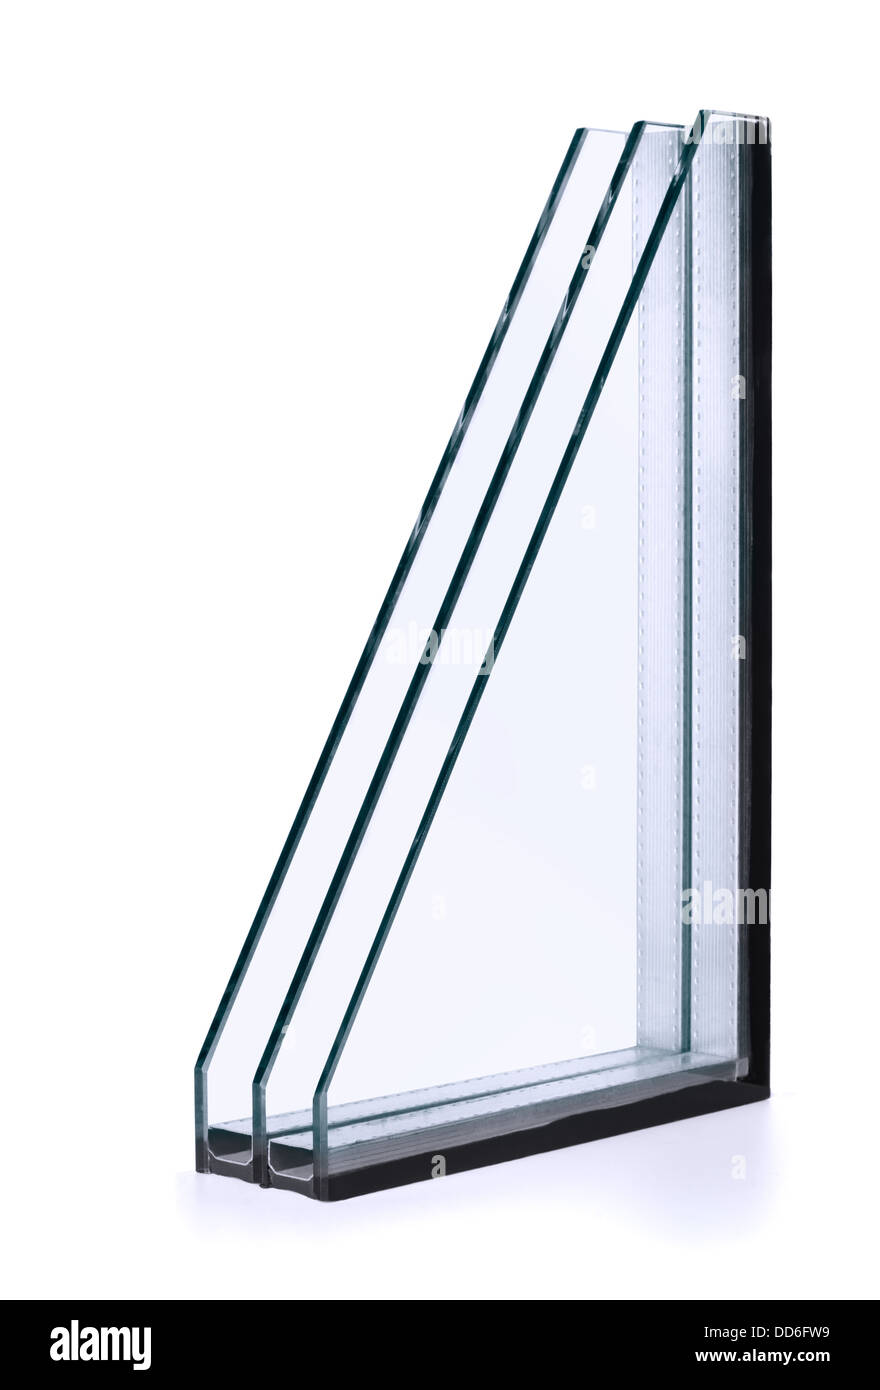 Dreifache Fenster isoliert Verglasung isoliert auf weiss Stockbild